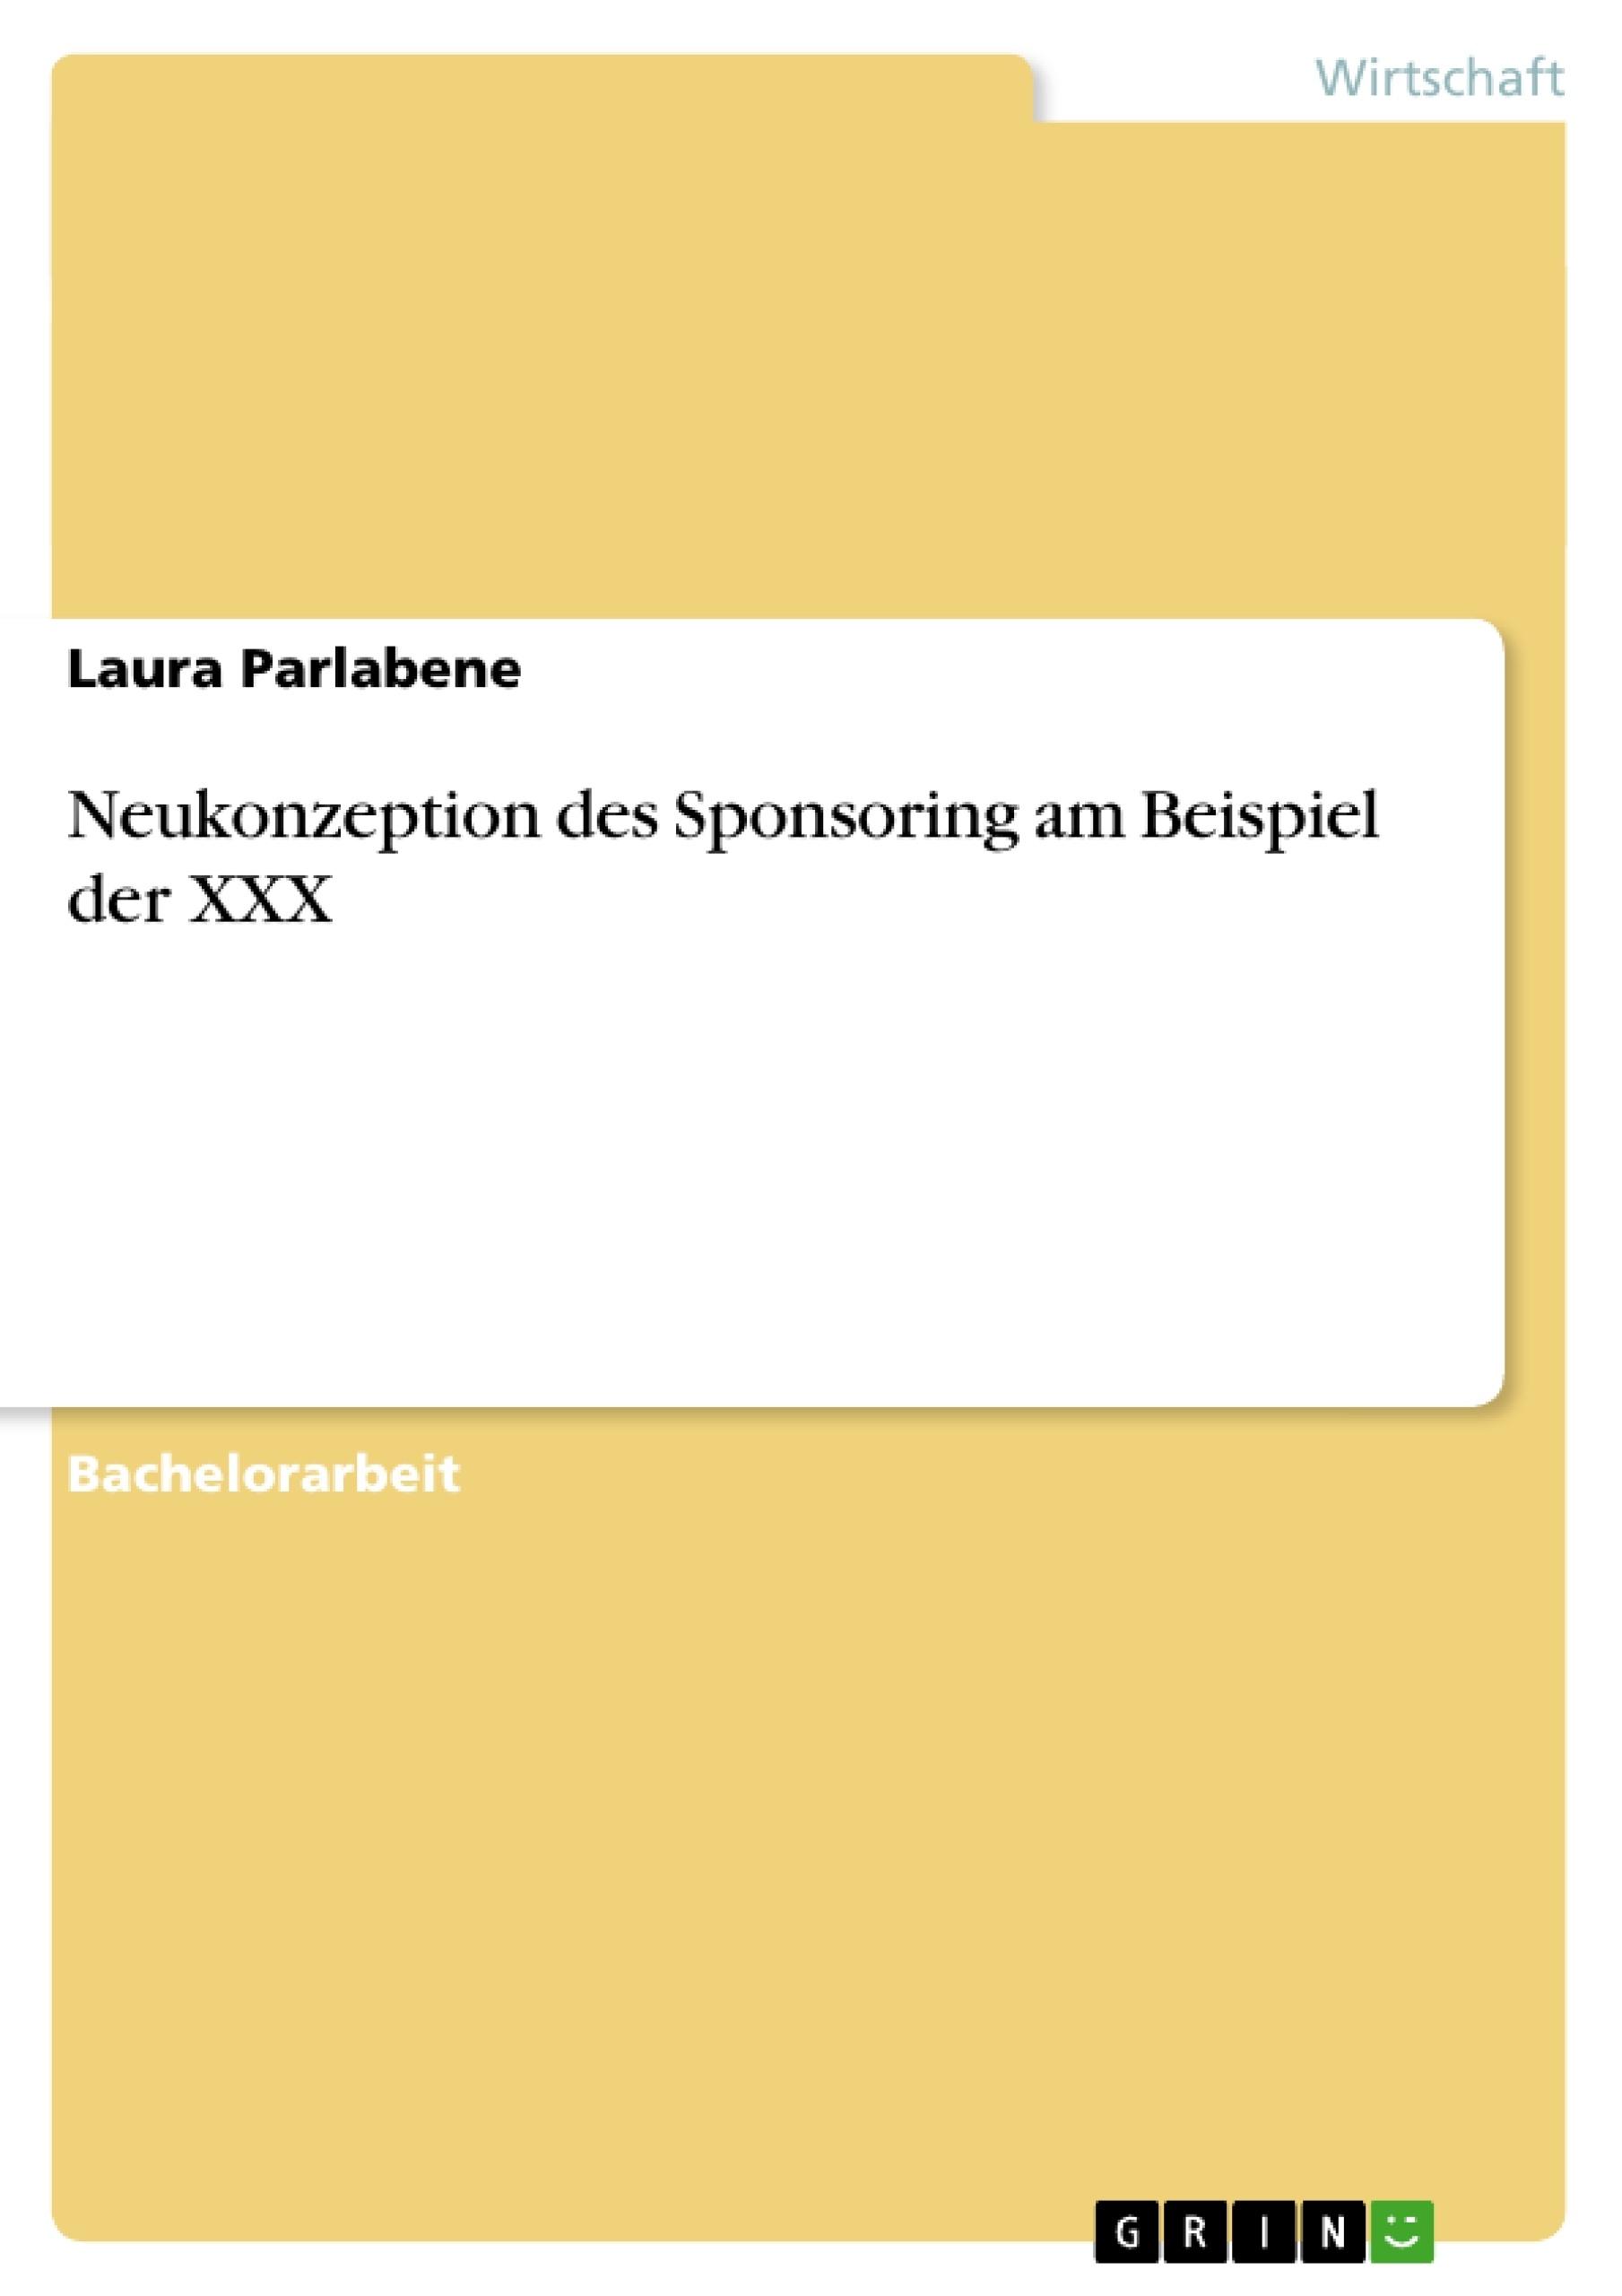 Neukonzeption des Sponsoring am Beispiel der XXX | Masterarbeit ...